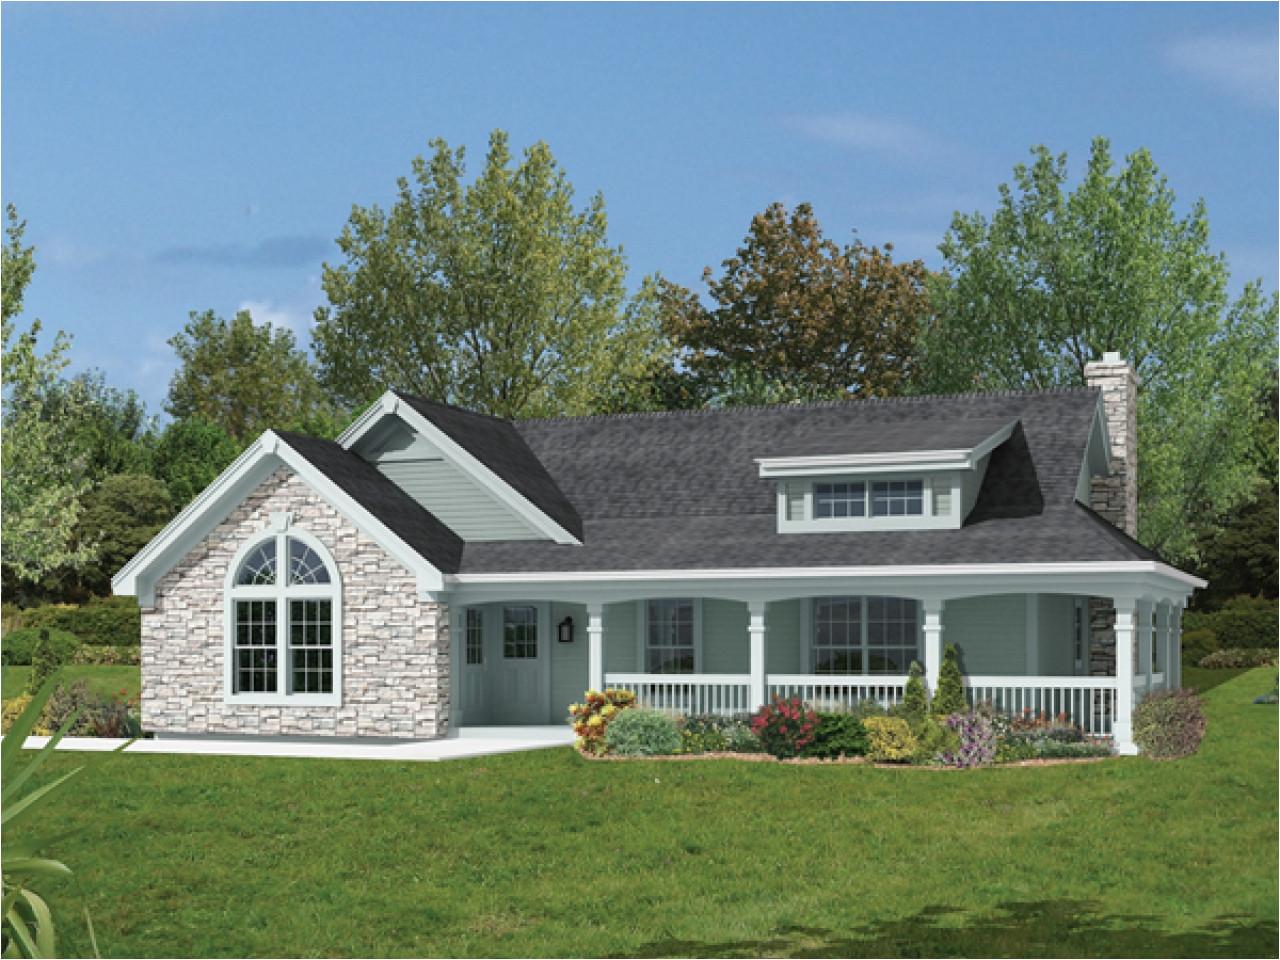 c691aca613e1ca12 bungalow house plans with porches bungalow house plans with wrap around porches